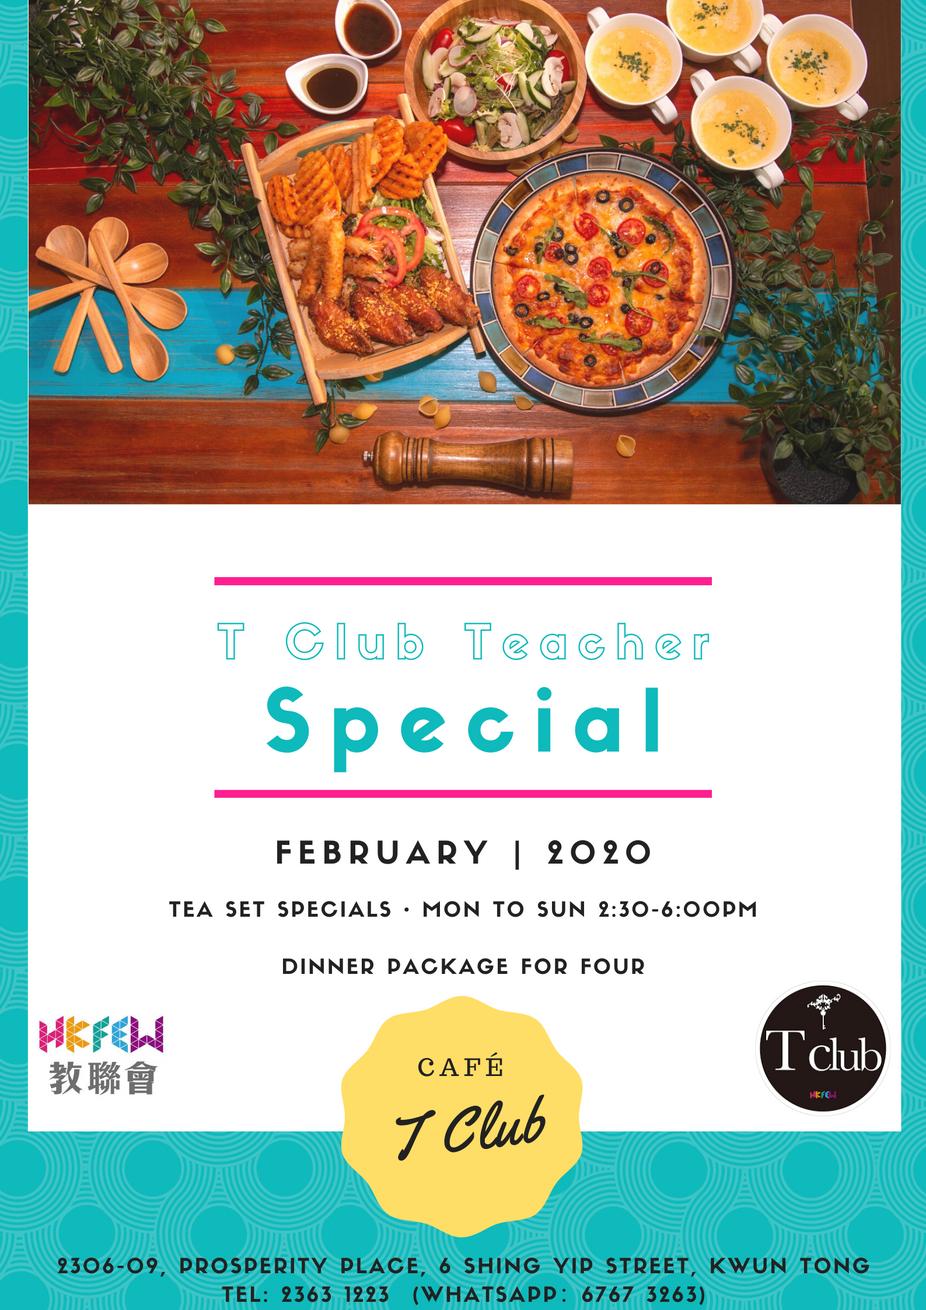 T Club Teacher Special 2月教師會員尊享超著數優惠